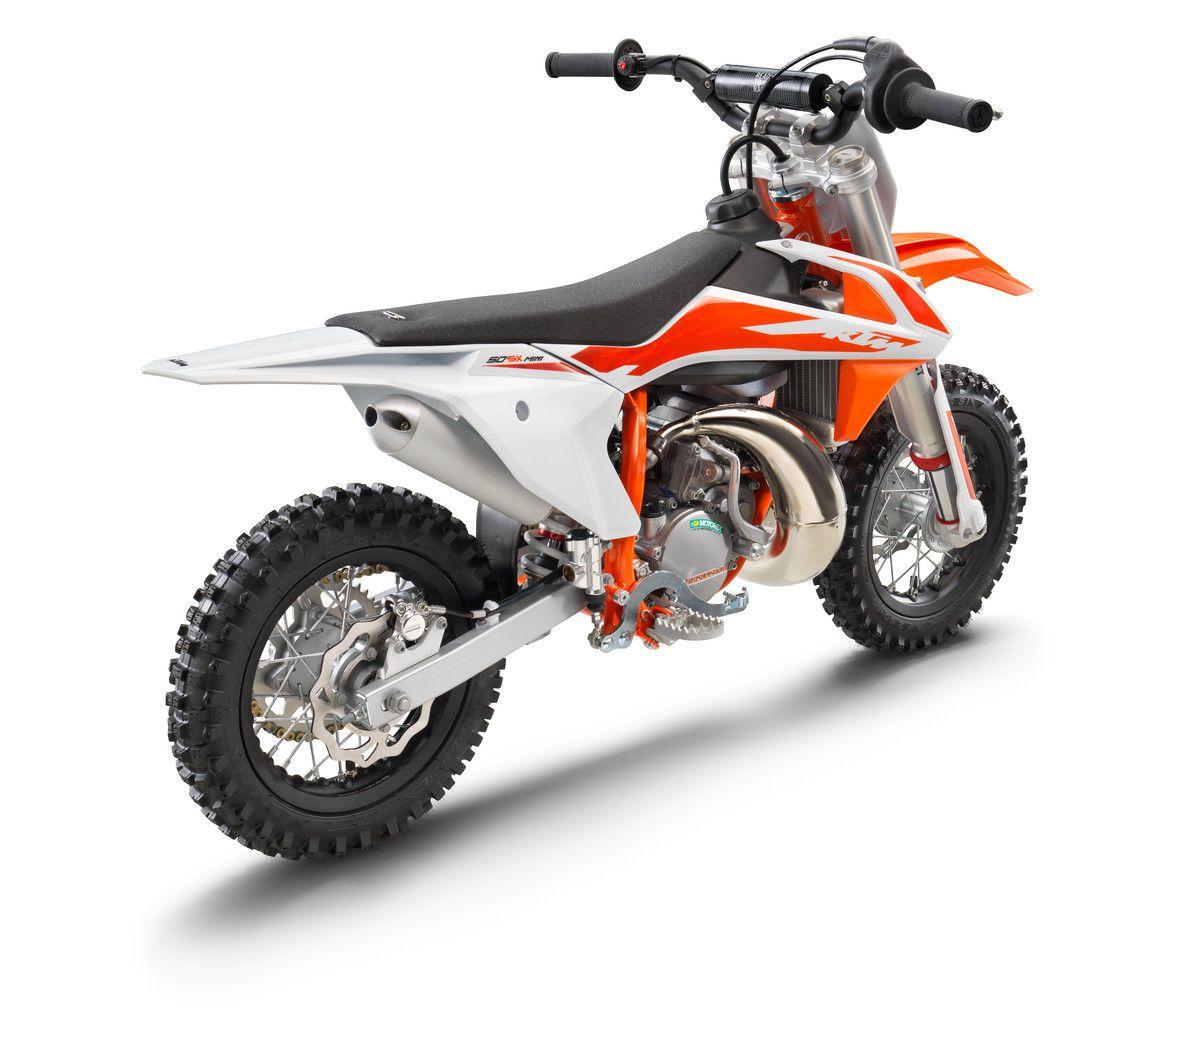 2020 Ktm 50 Sx Mini Guide Ktm Motorcycle Model Mini